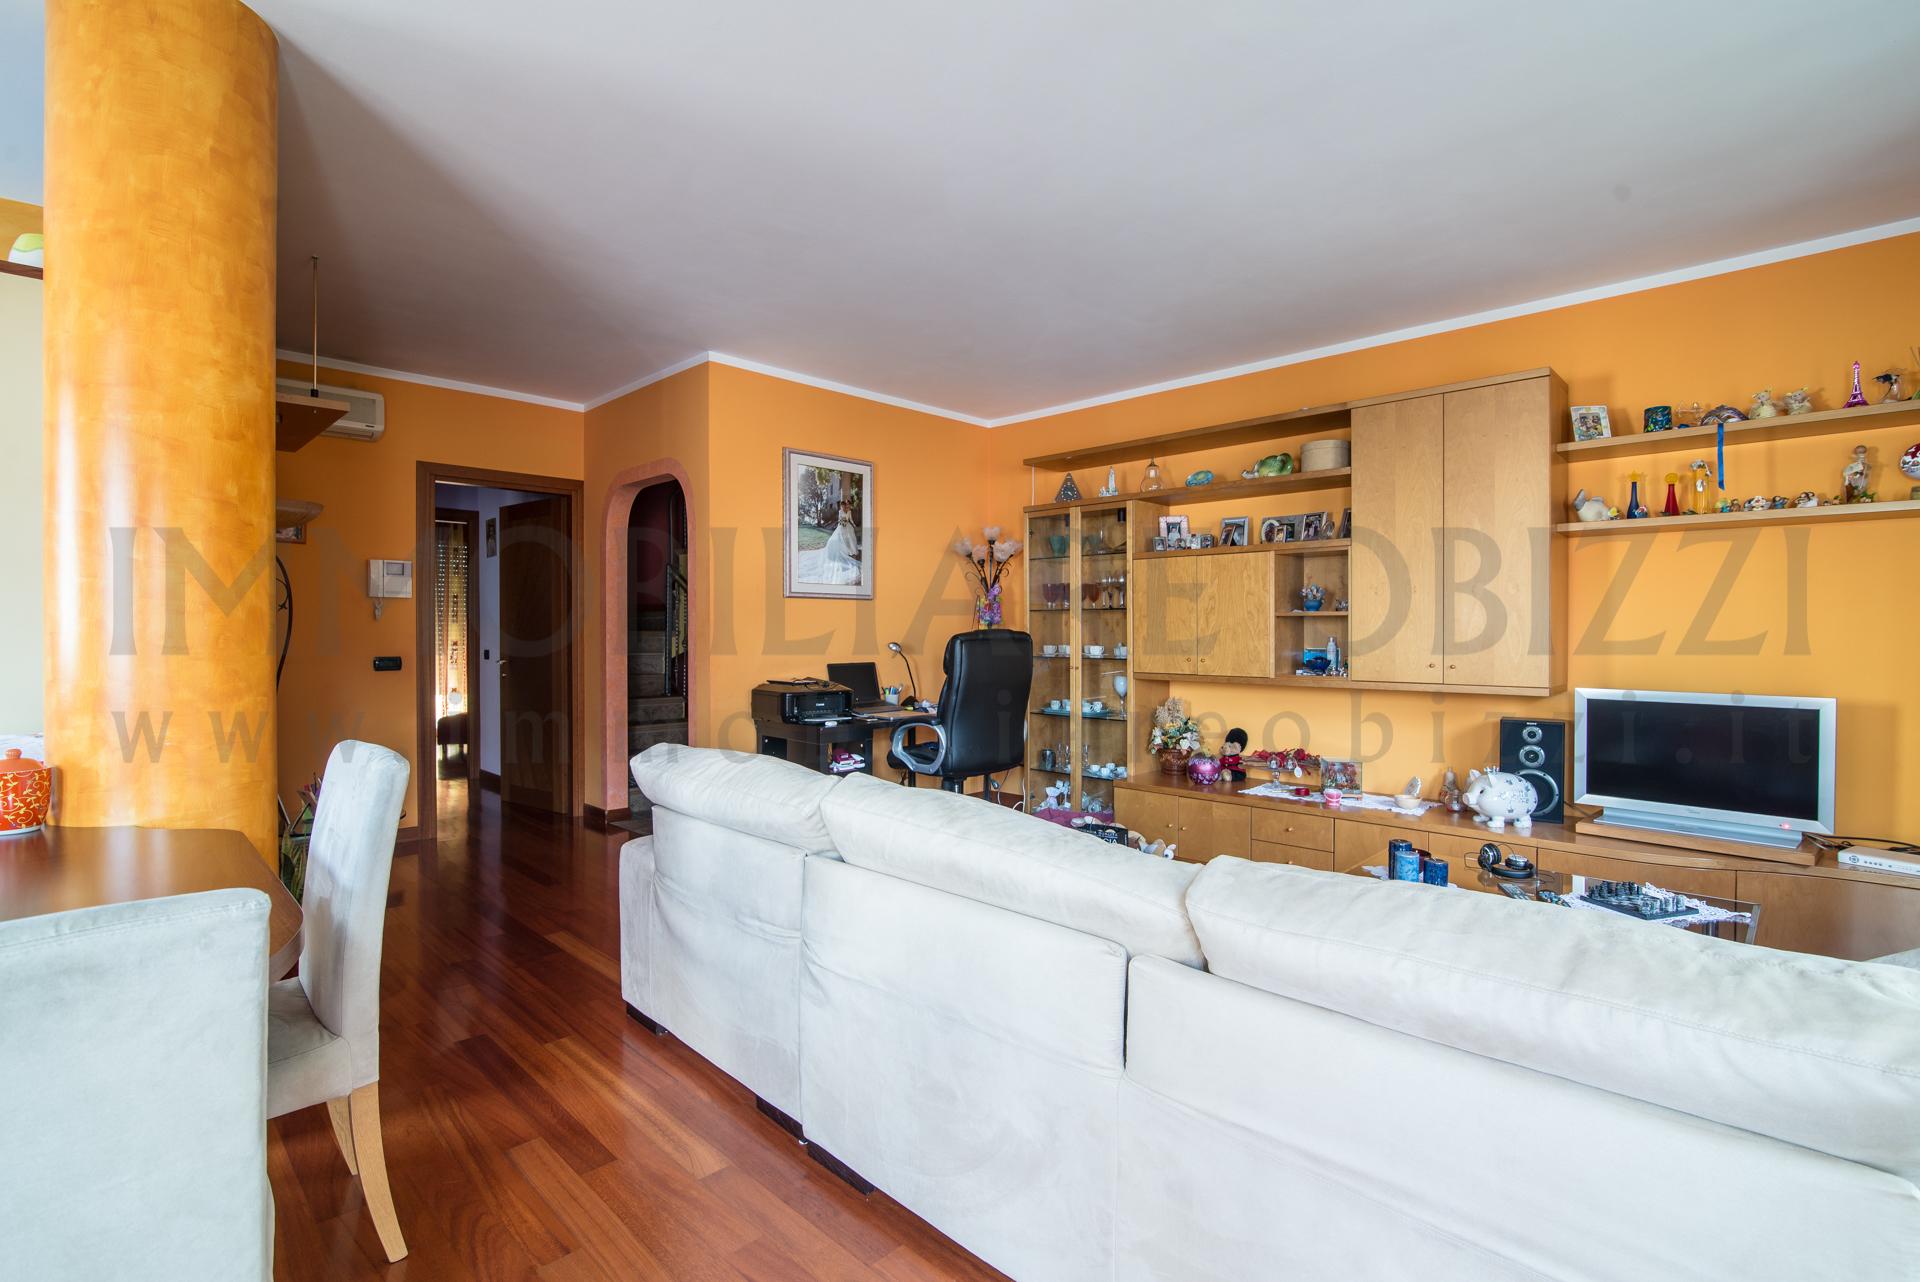 ALBIGNASEGO – SAN TOMMASO, porzione di bi-familiare con giardino privato di 140MQ